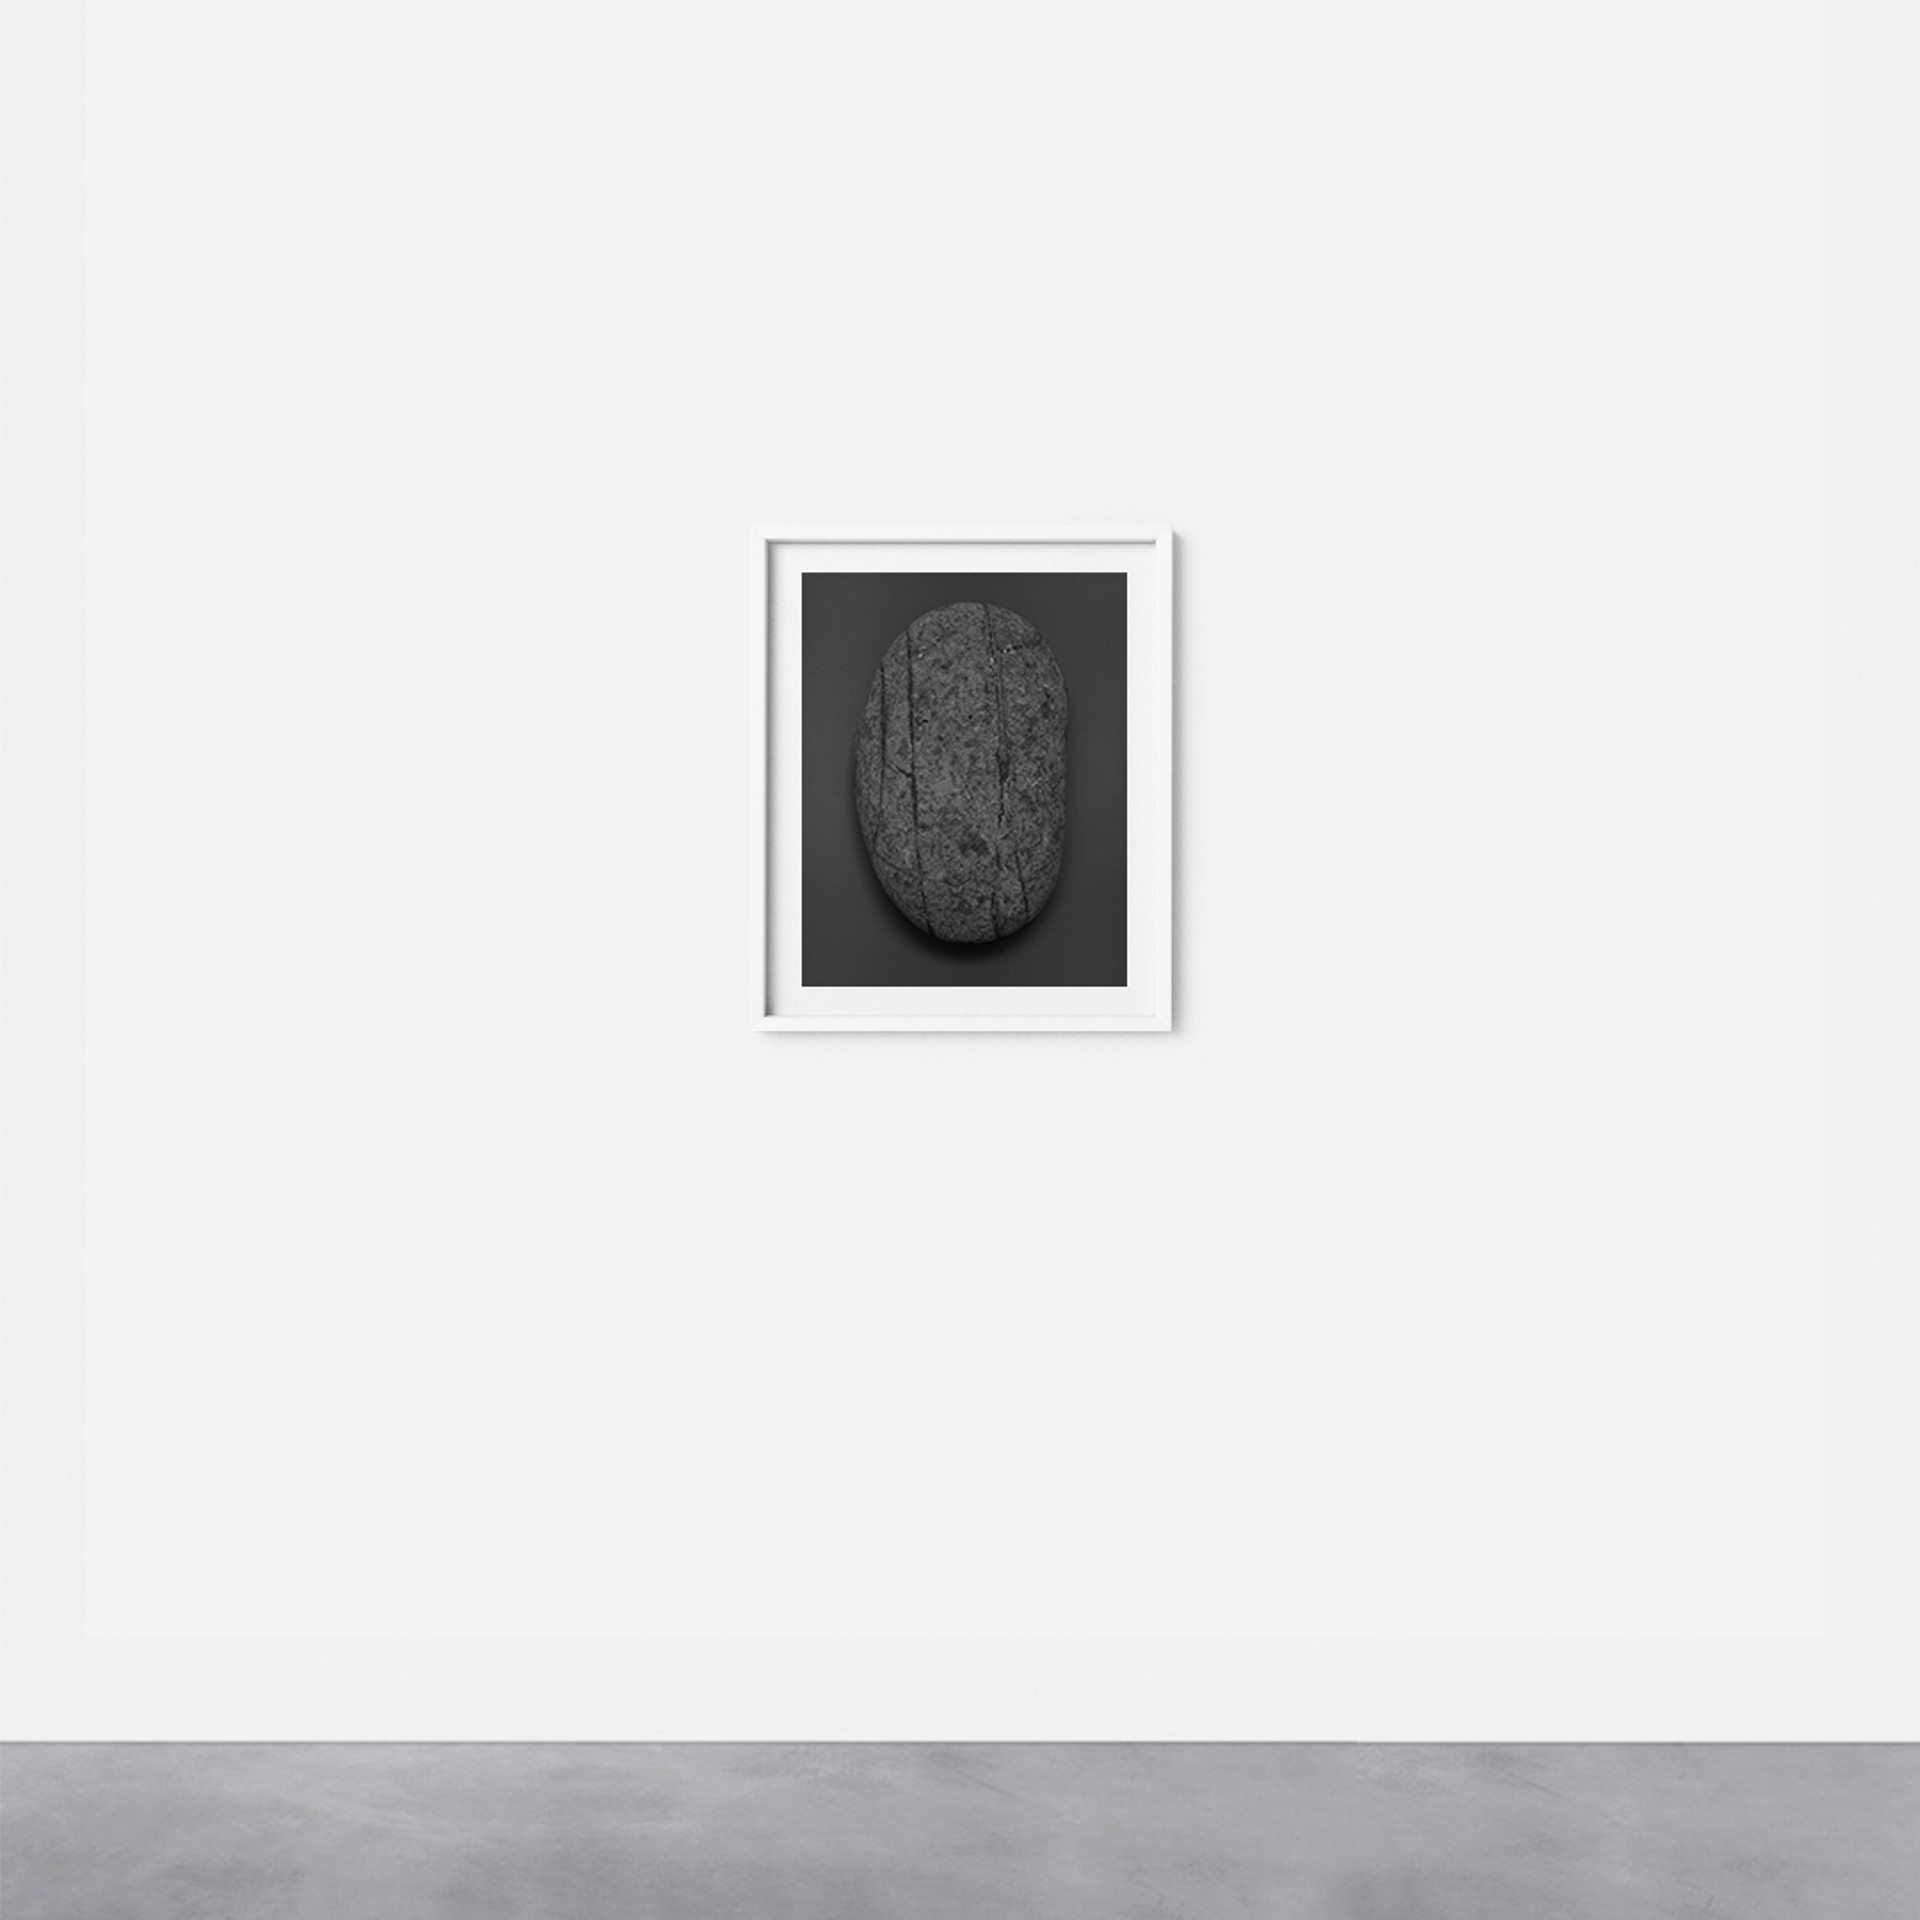 Shadow stone #9 by Gabriella Imperatori-Penn